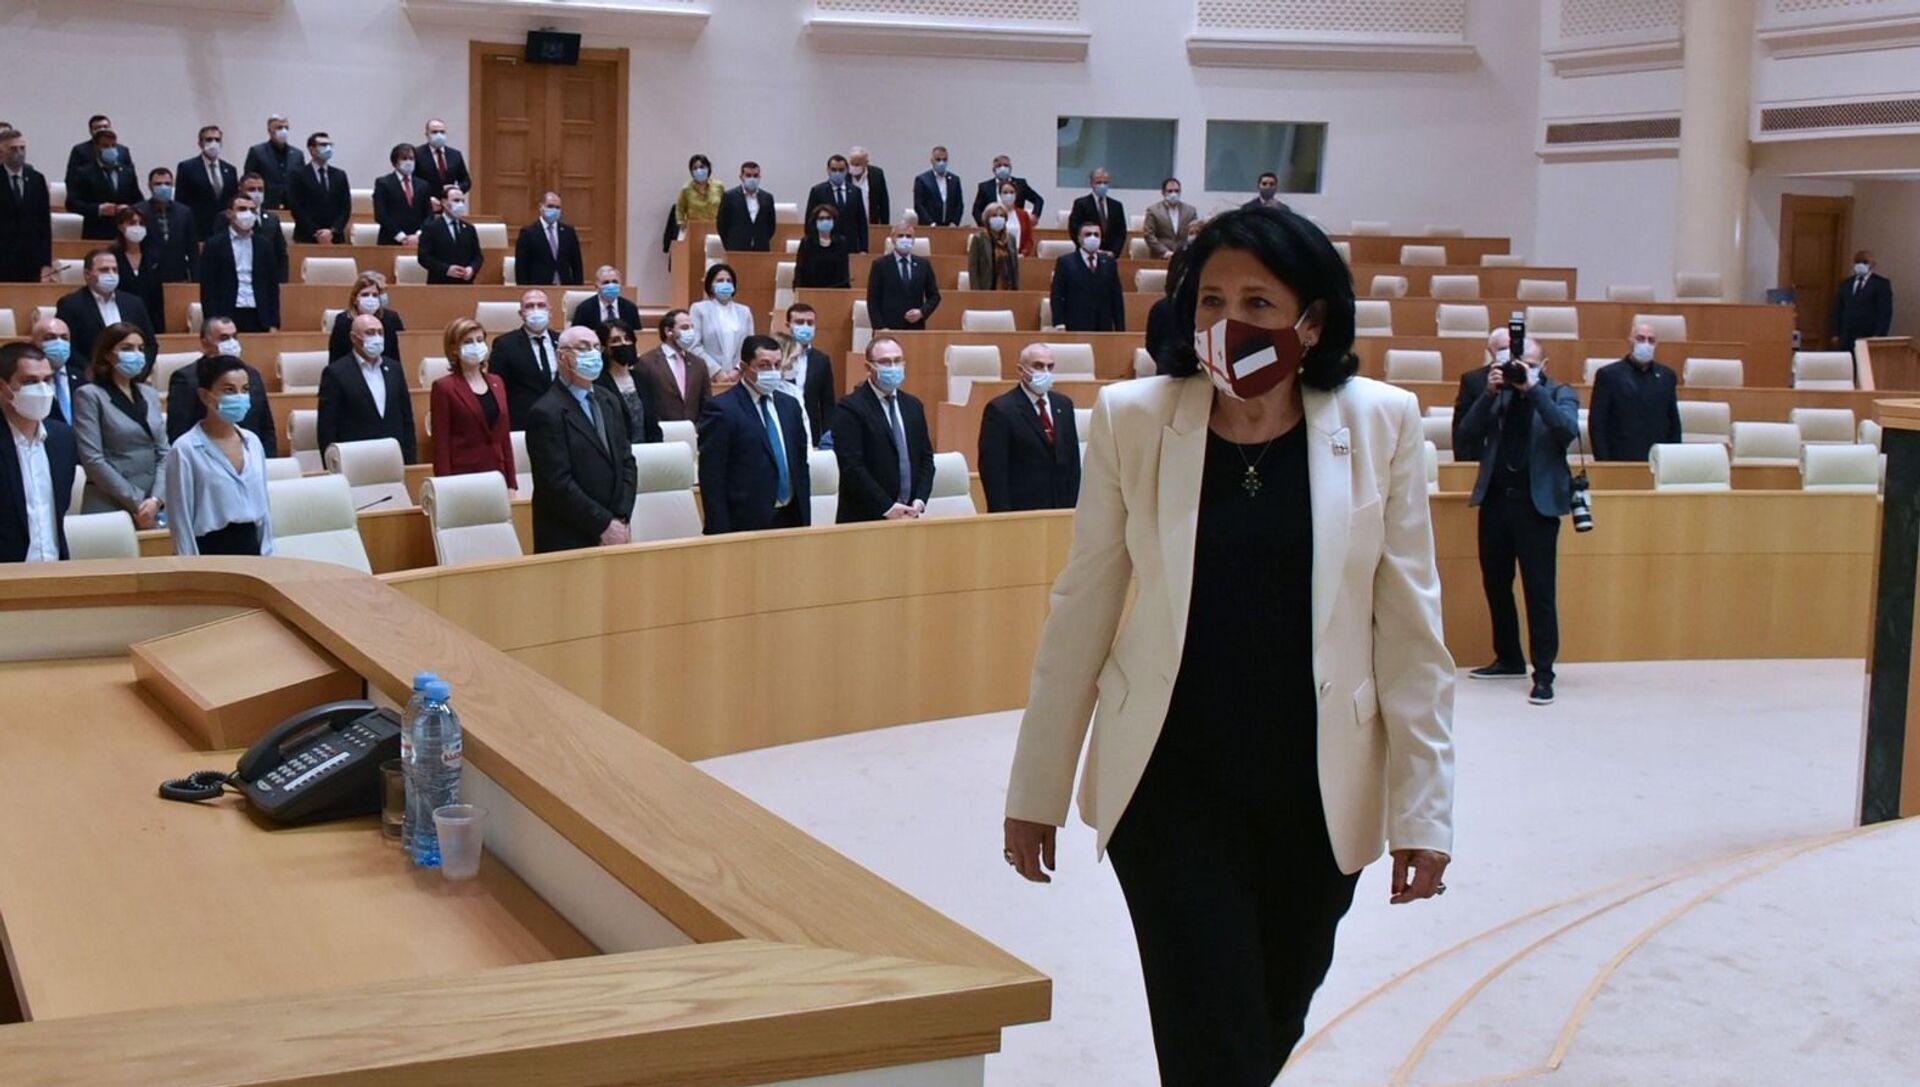 Выступление Саломе Зурабишвили в парламенте - Sputnik Грузия, 1920, 09.04.2021